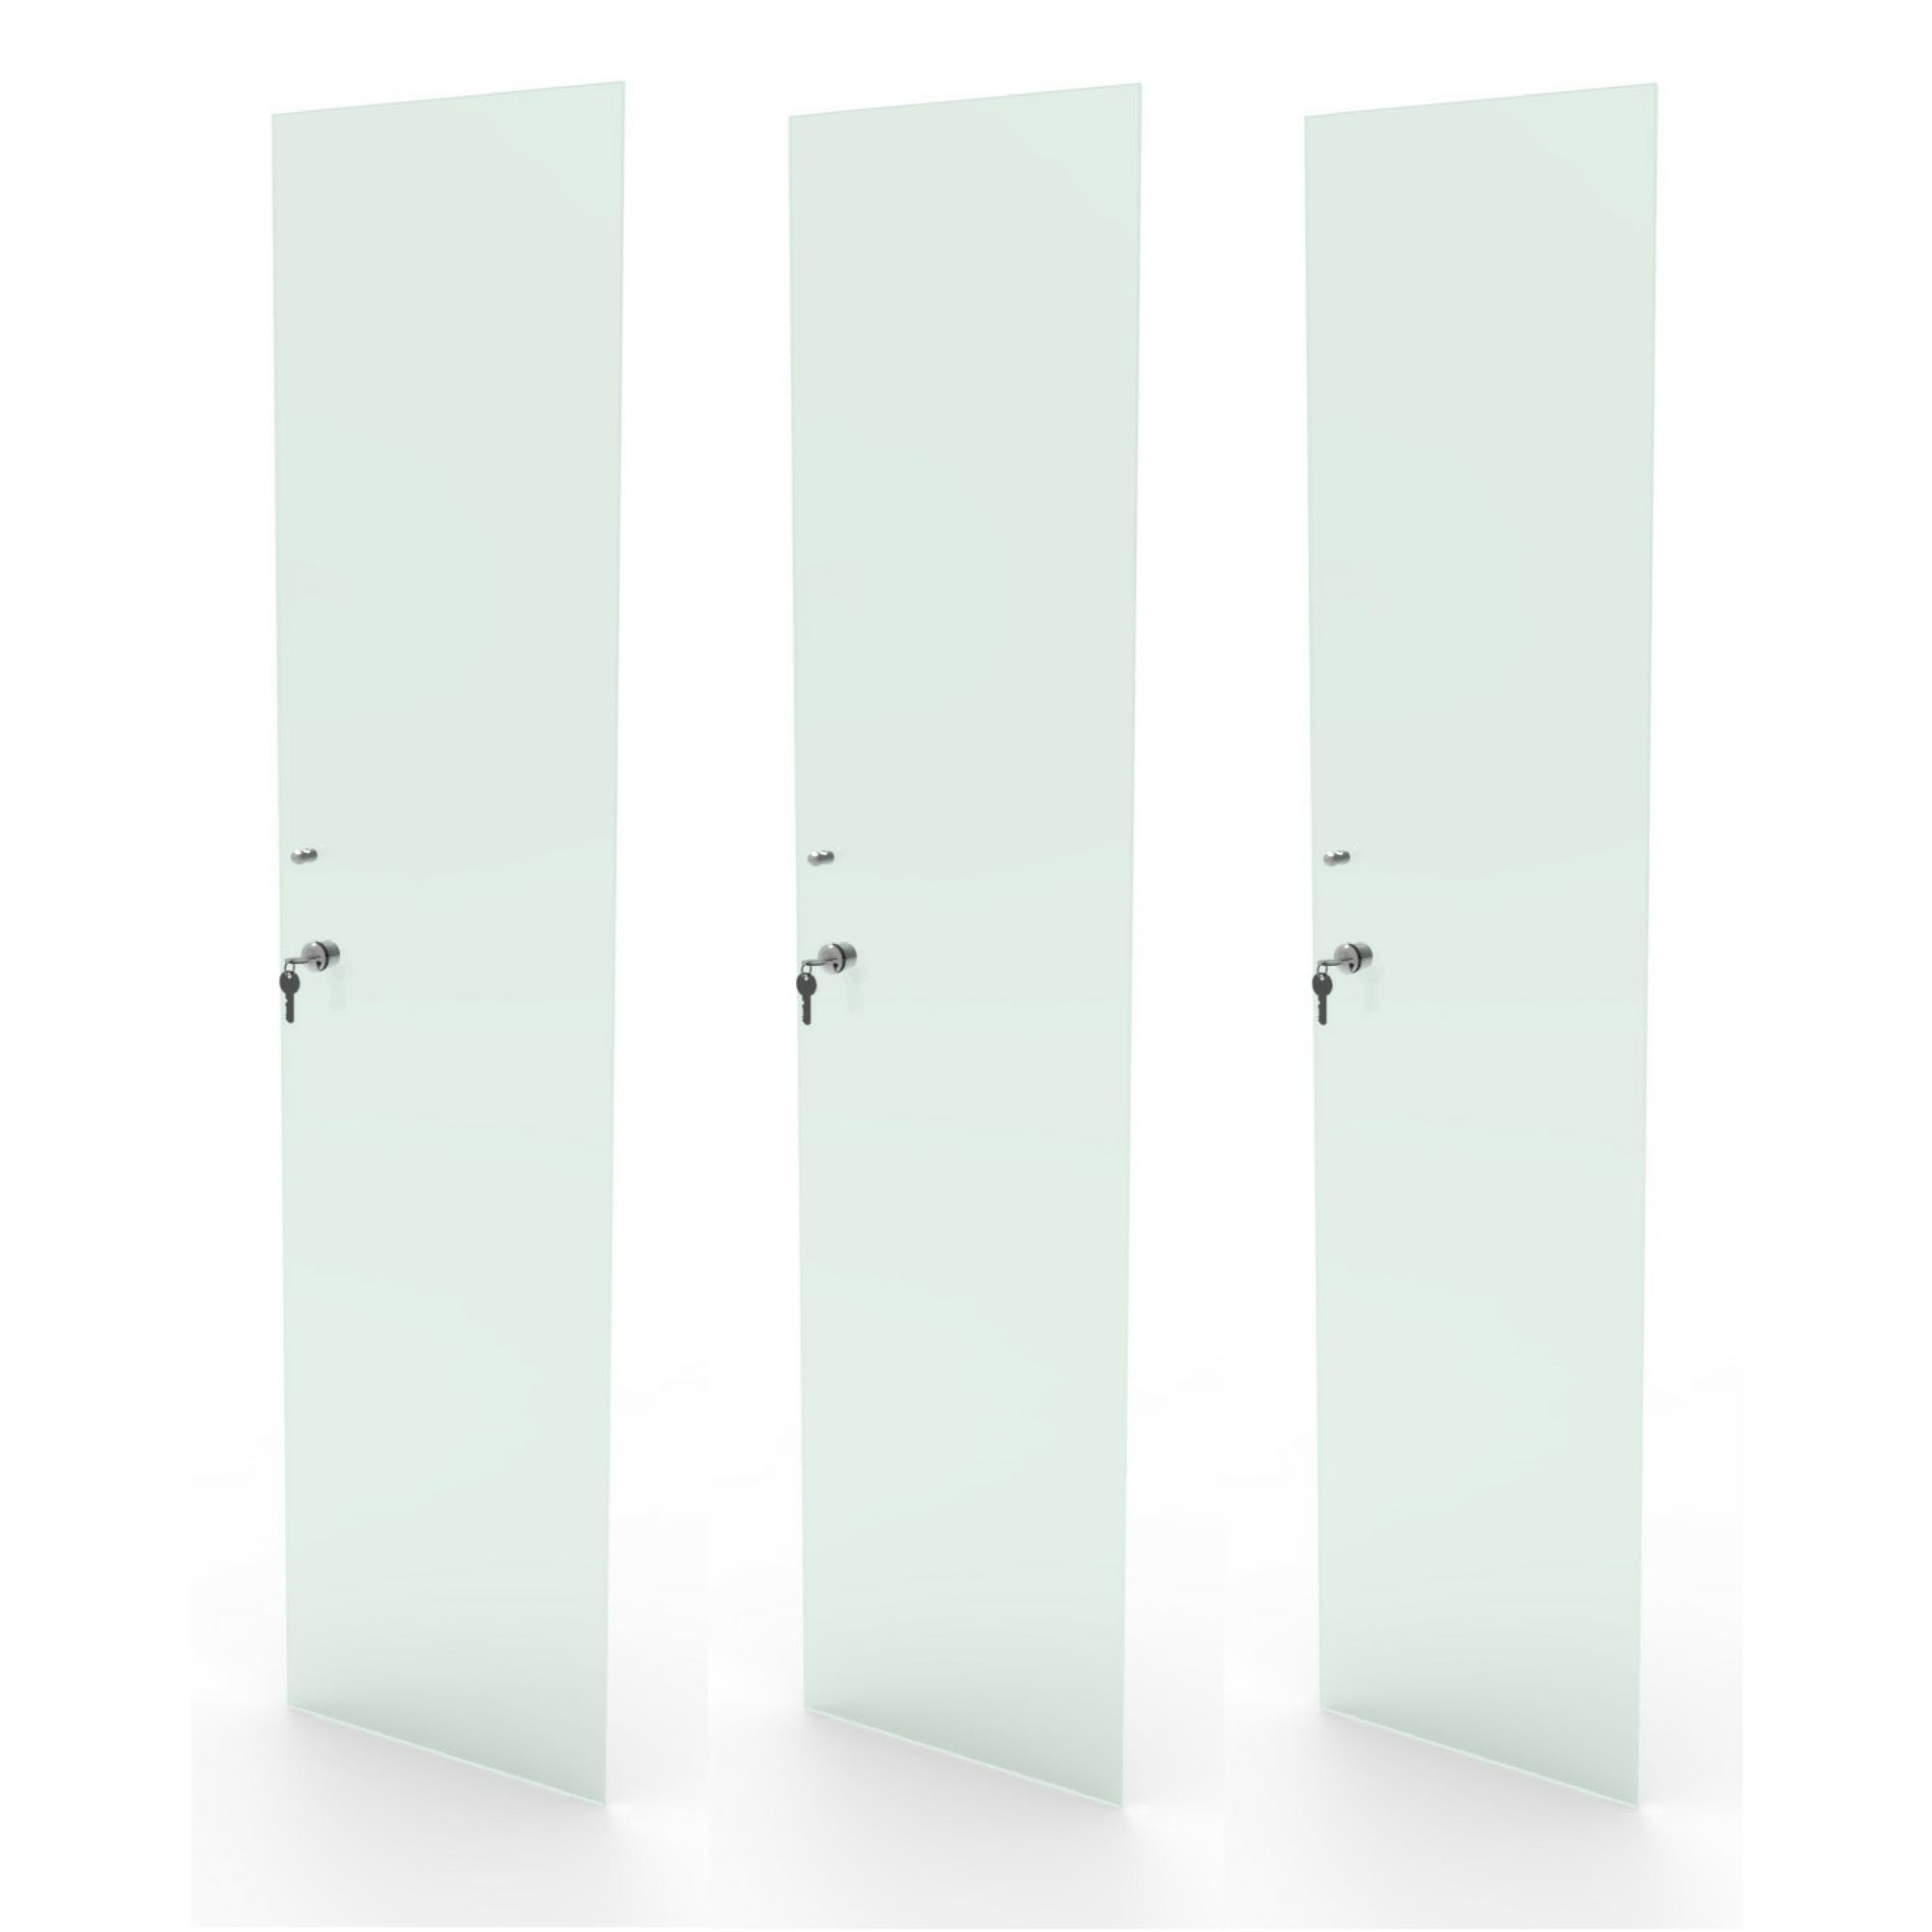 Kit 3 portas de vidro incolor com chave para estante discos LP vinil